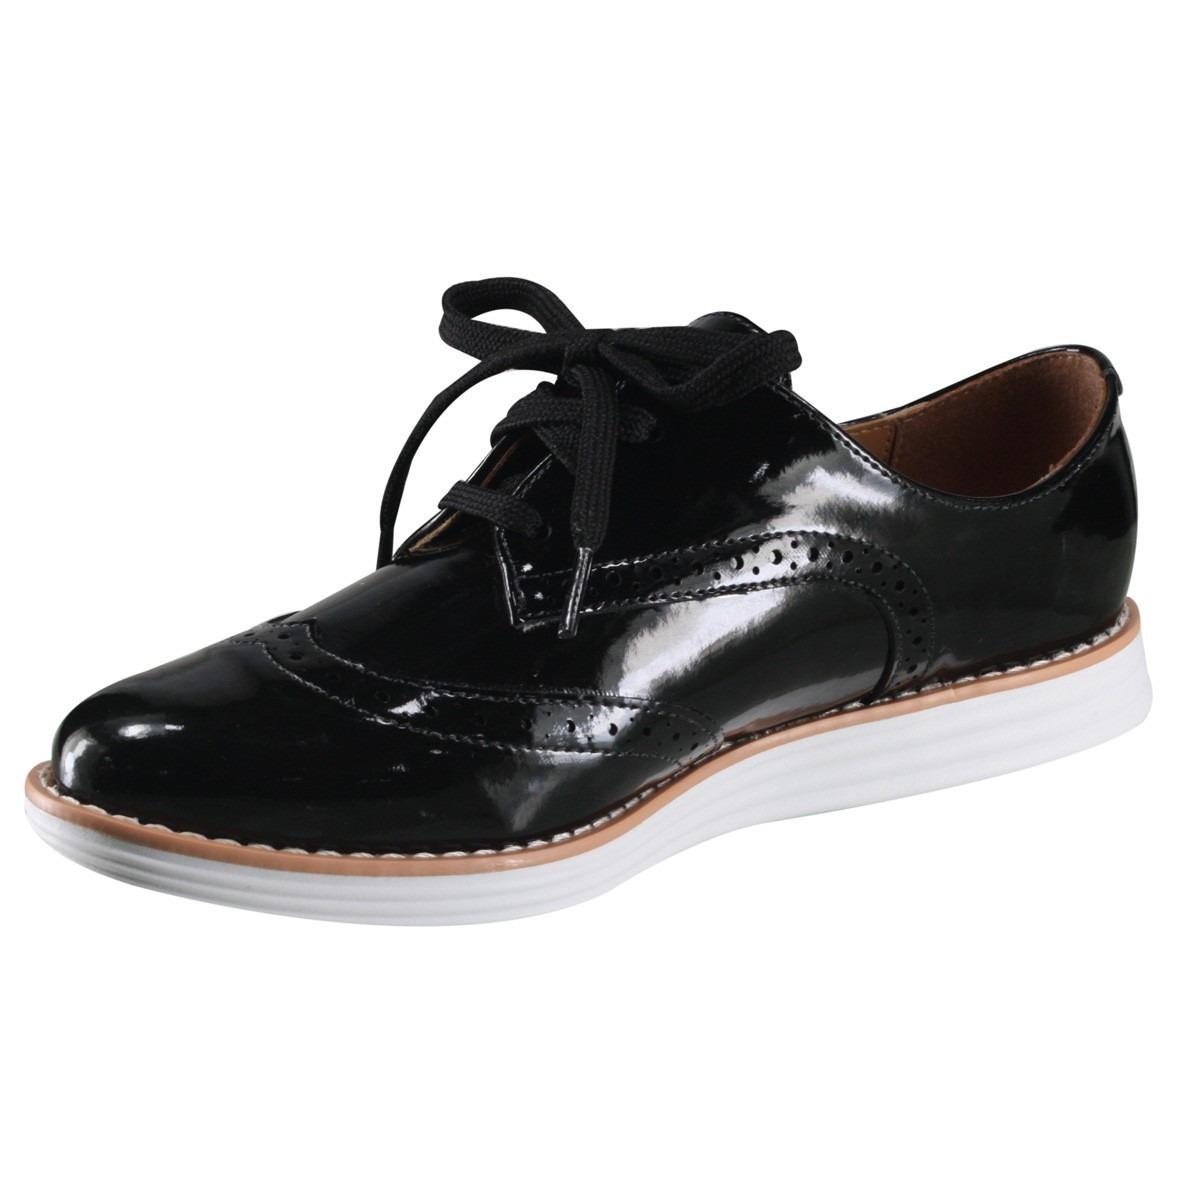 b68c174a45 sapato oxford feminino vizzano verniz preto 1231.101. Carregando zoom.